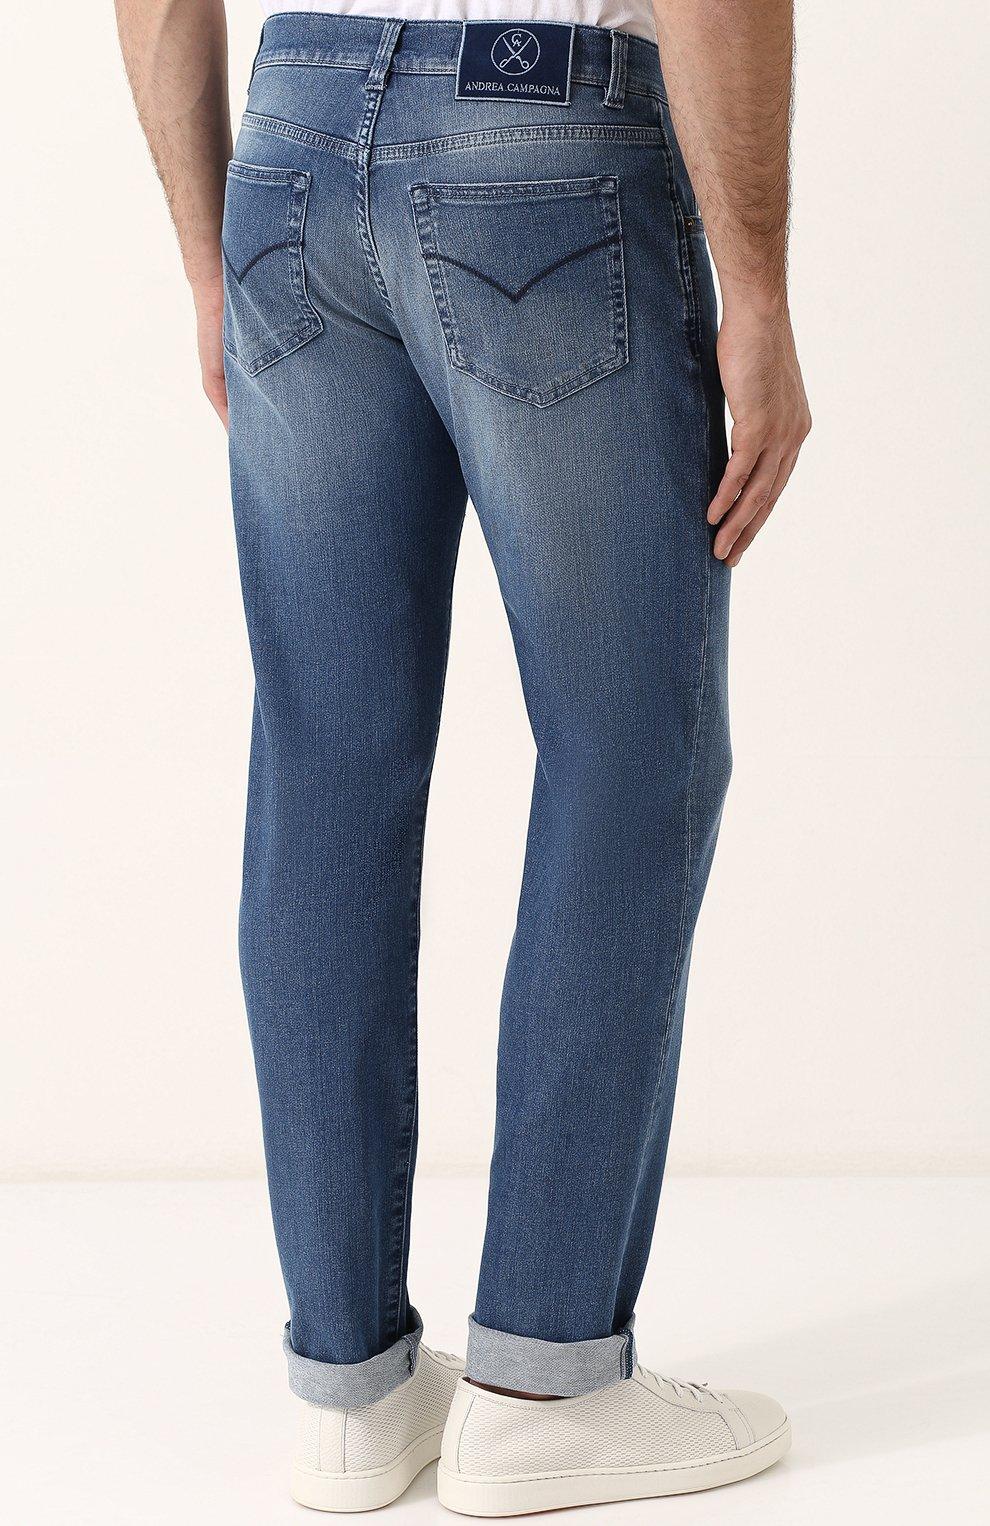 Мужские джинсы прямого кроя с потертостями ANDREA CAMPAGNA синего цвета, арт. ACCR253333 | Фото 4